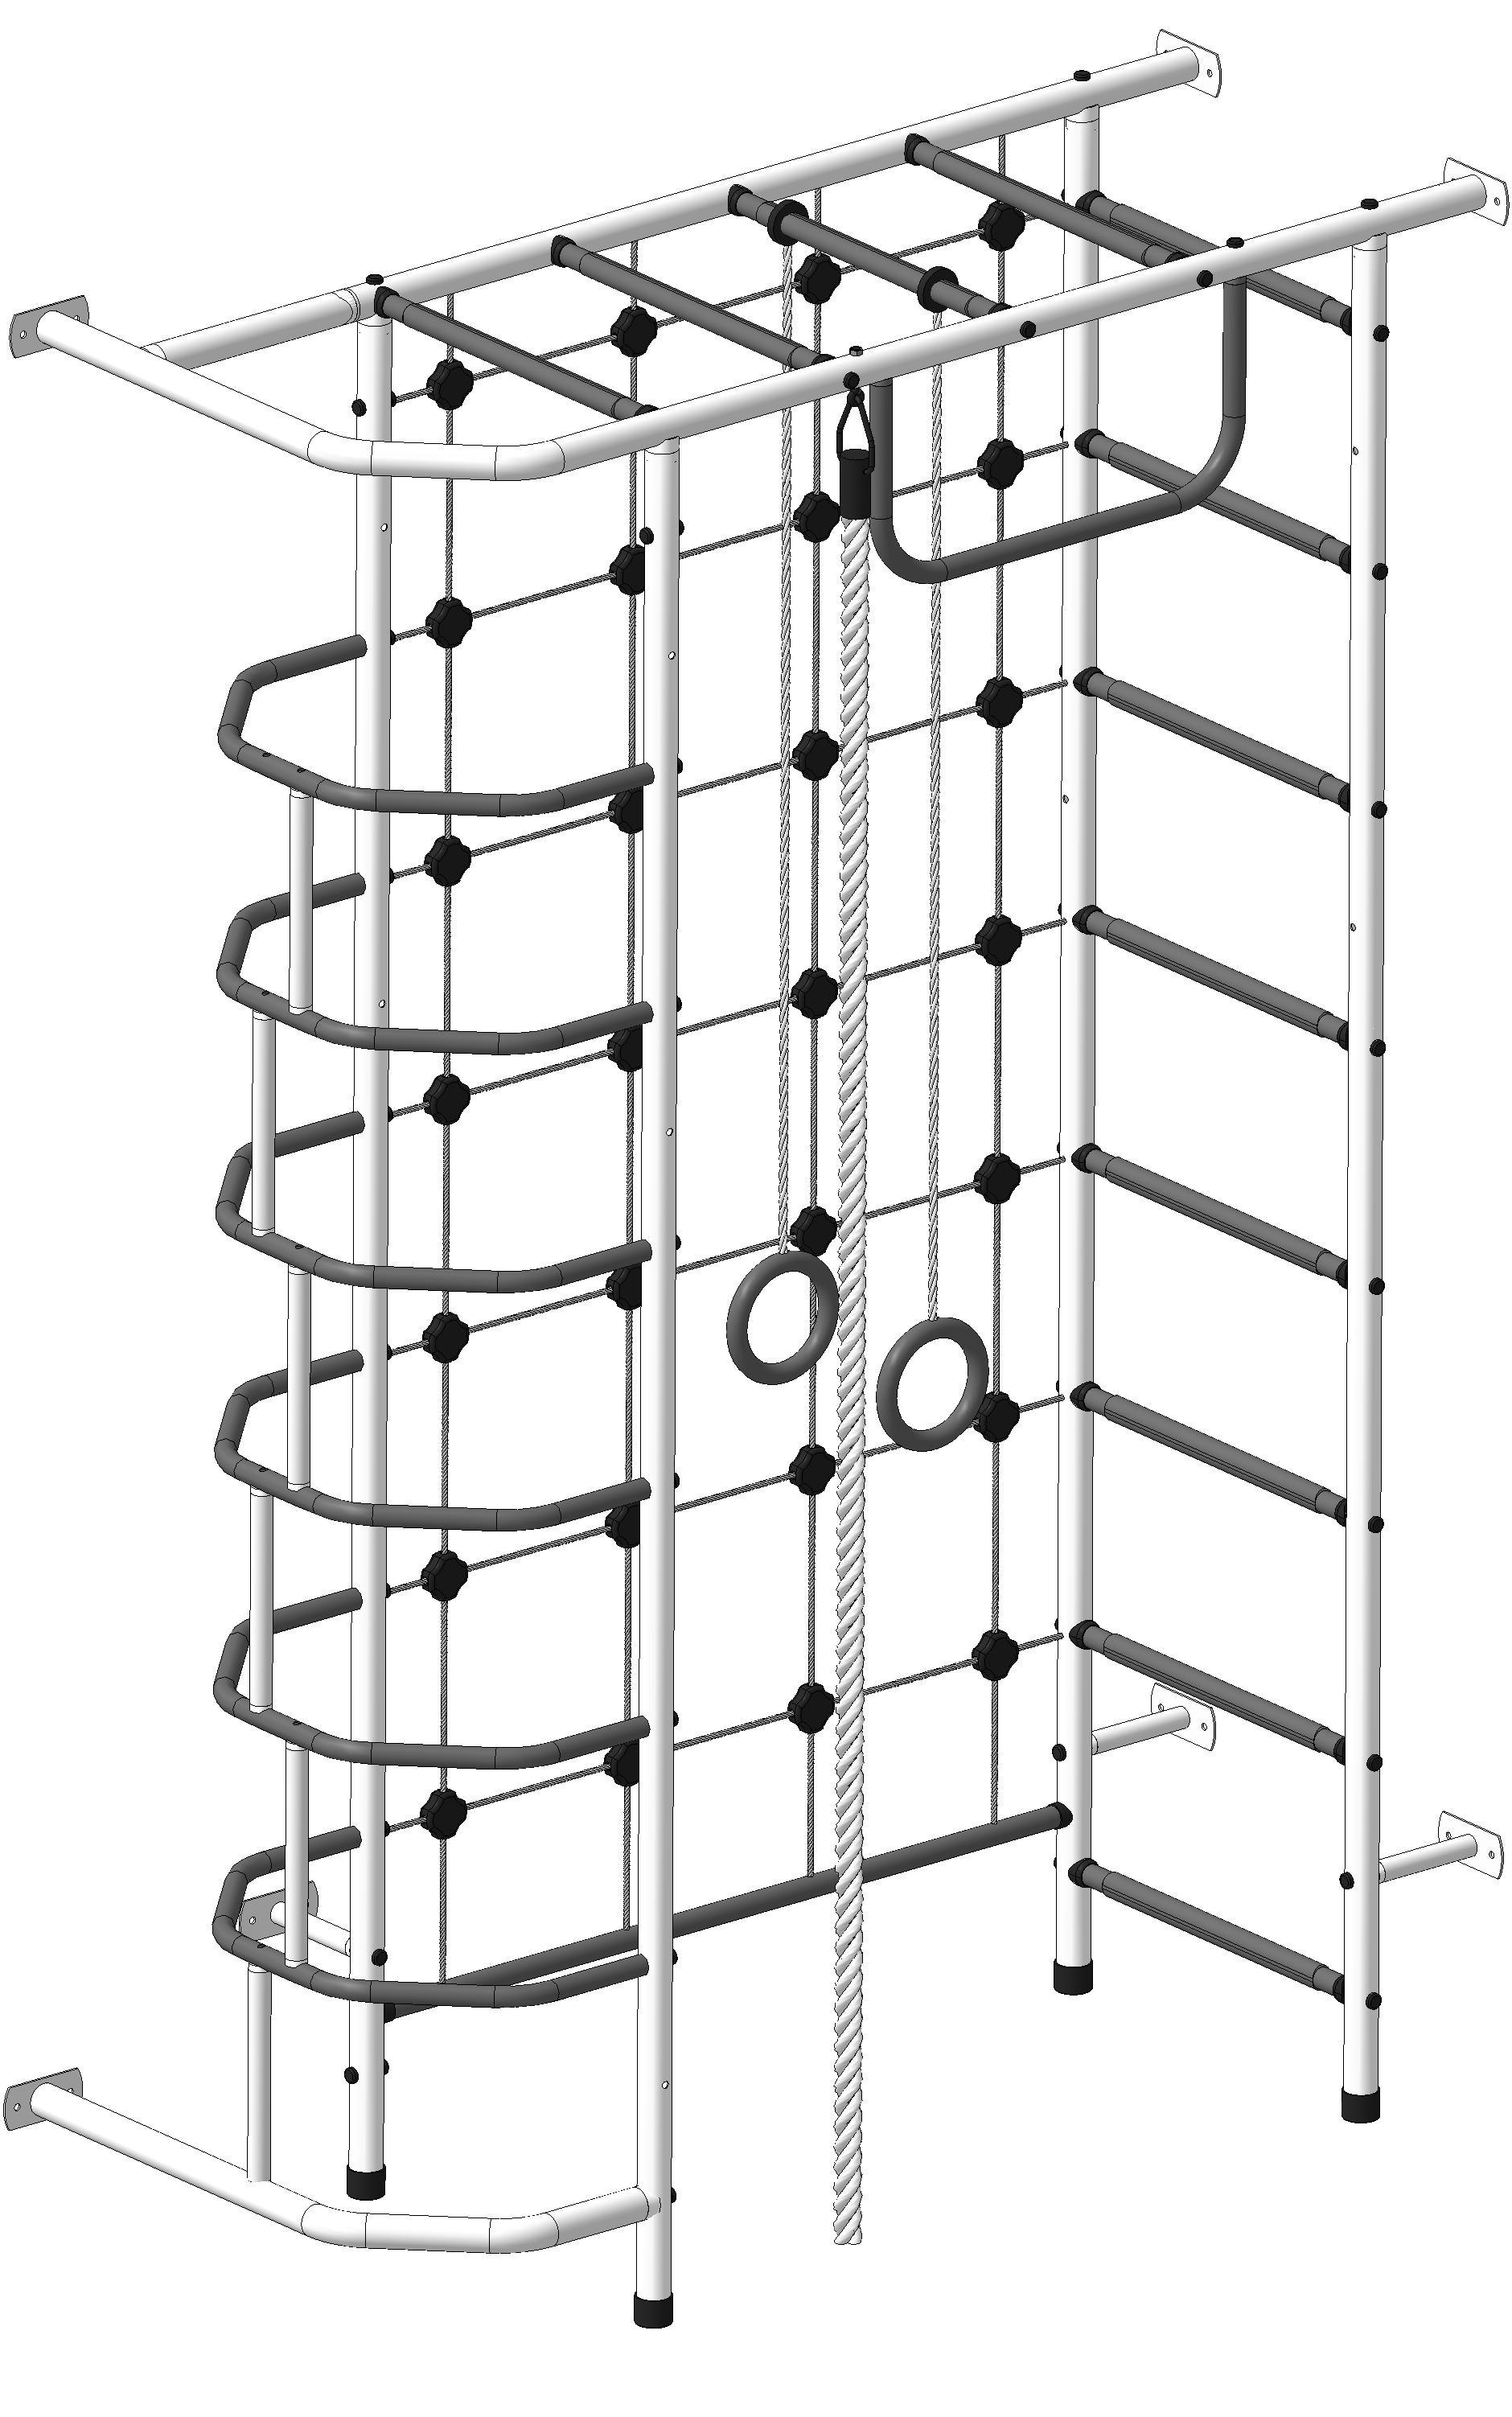 шведская стенка пионер 10 с сеткой цена